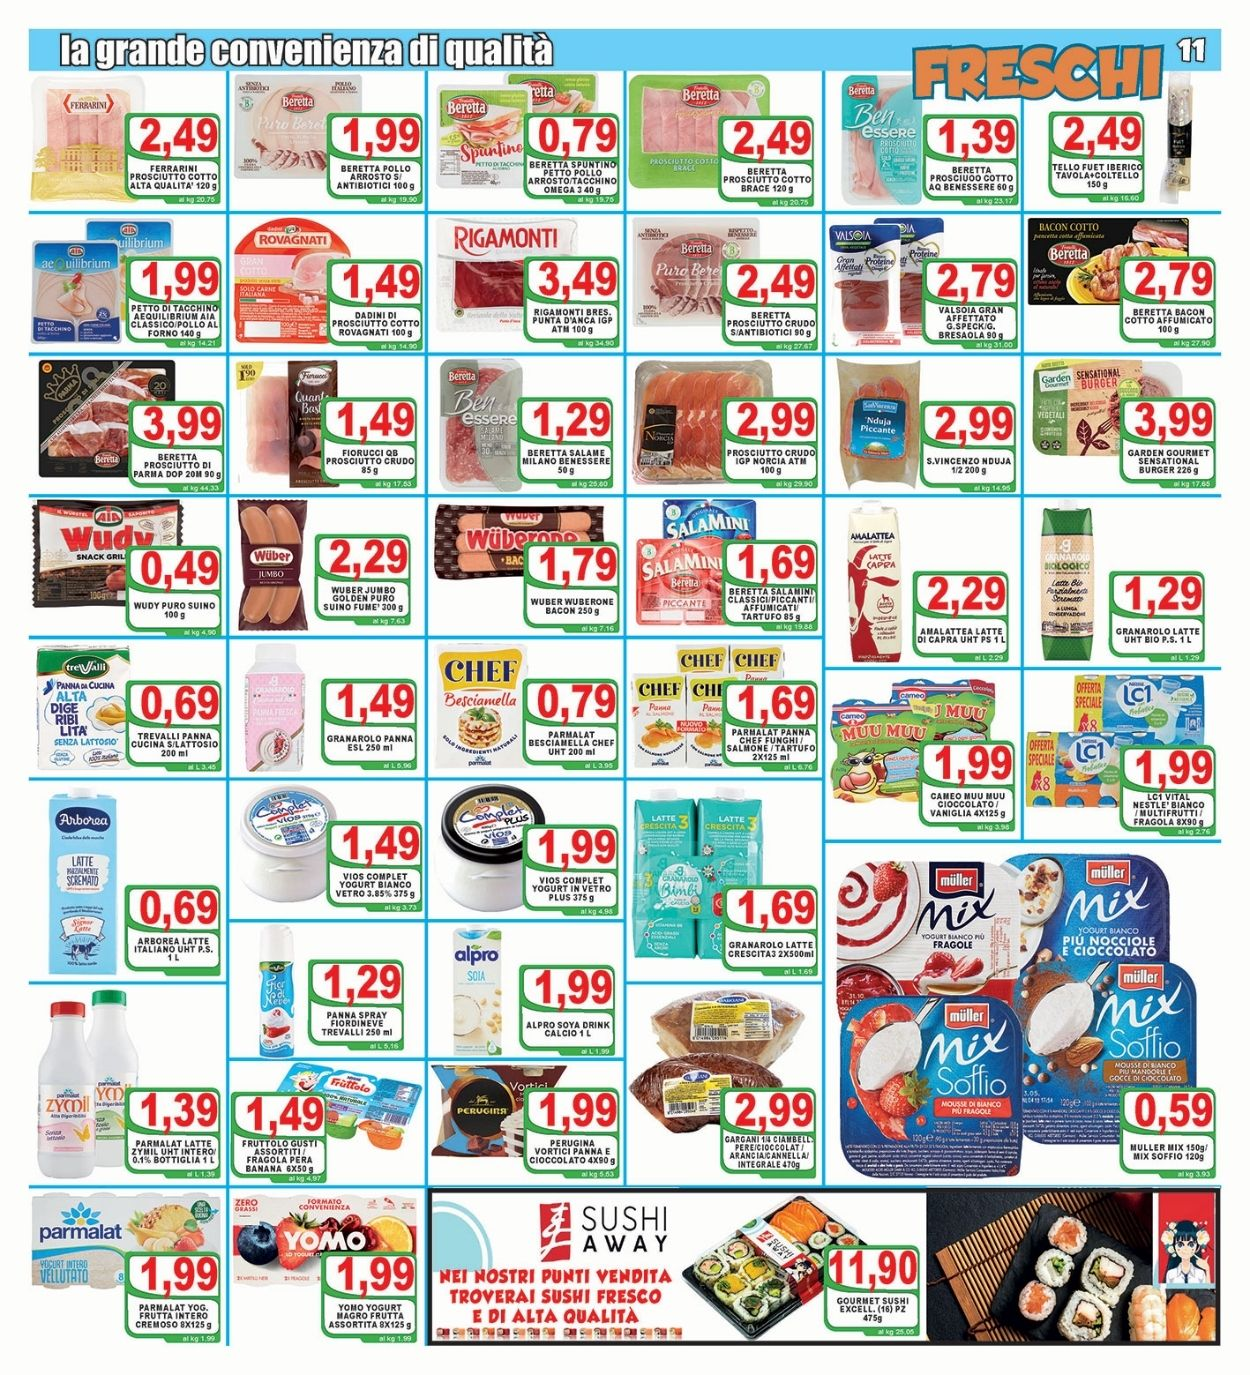 Volantino Top Supermercati - Offerte 18/06-29/06/2021 (Pagina 11)